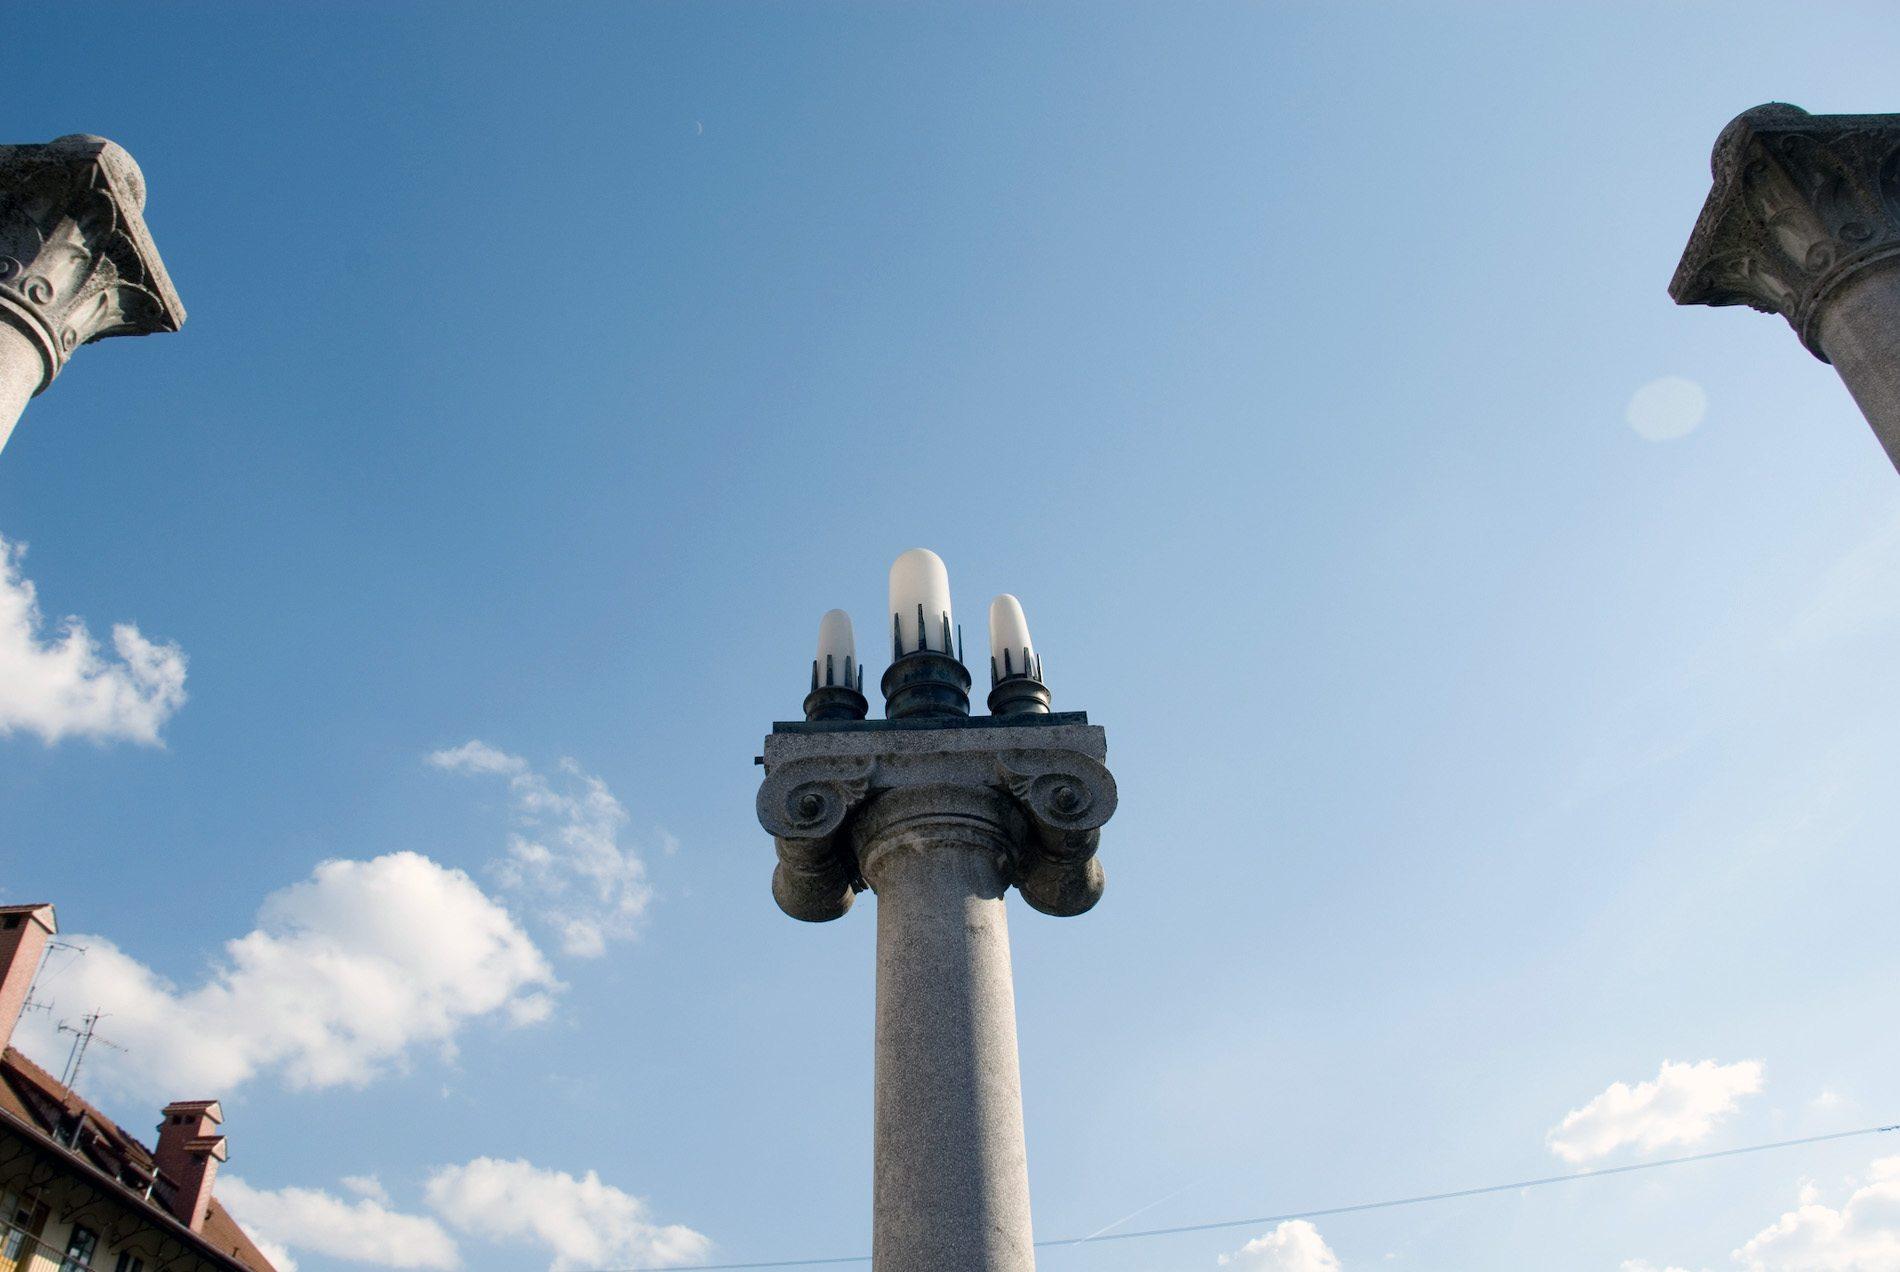 Schusterbrücke.  Etwas niedriger positionierte er zu beiden Seiten je eine Säule mit Volutenkapitellen, die von drei Leuchten gekrönt werden. Sie symbolisieren den Triglav, den höchsten Gipfel des Landes in den Julischen Alpen.